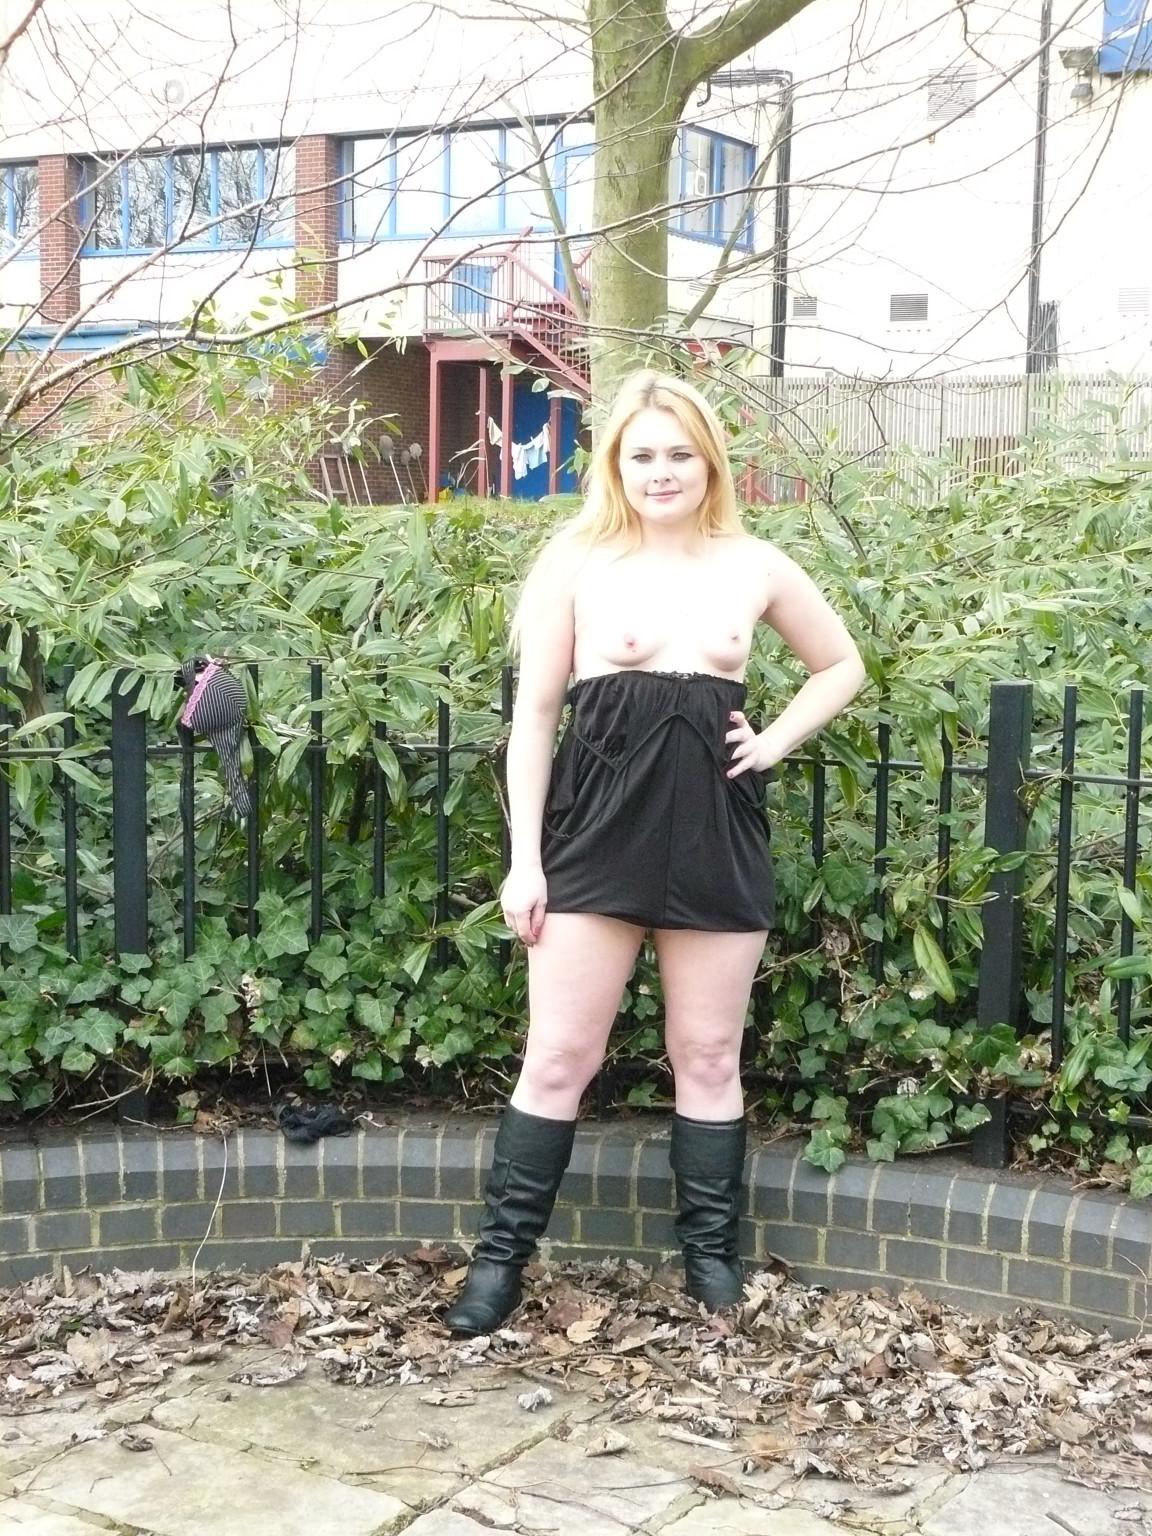 Смелая чика София не носит белья и даже готова обнажиться в городском парке посреди дня